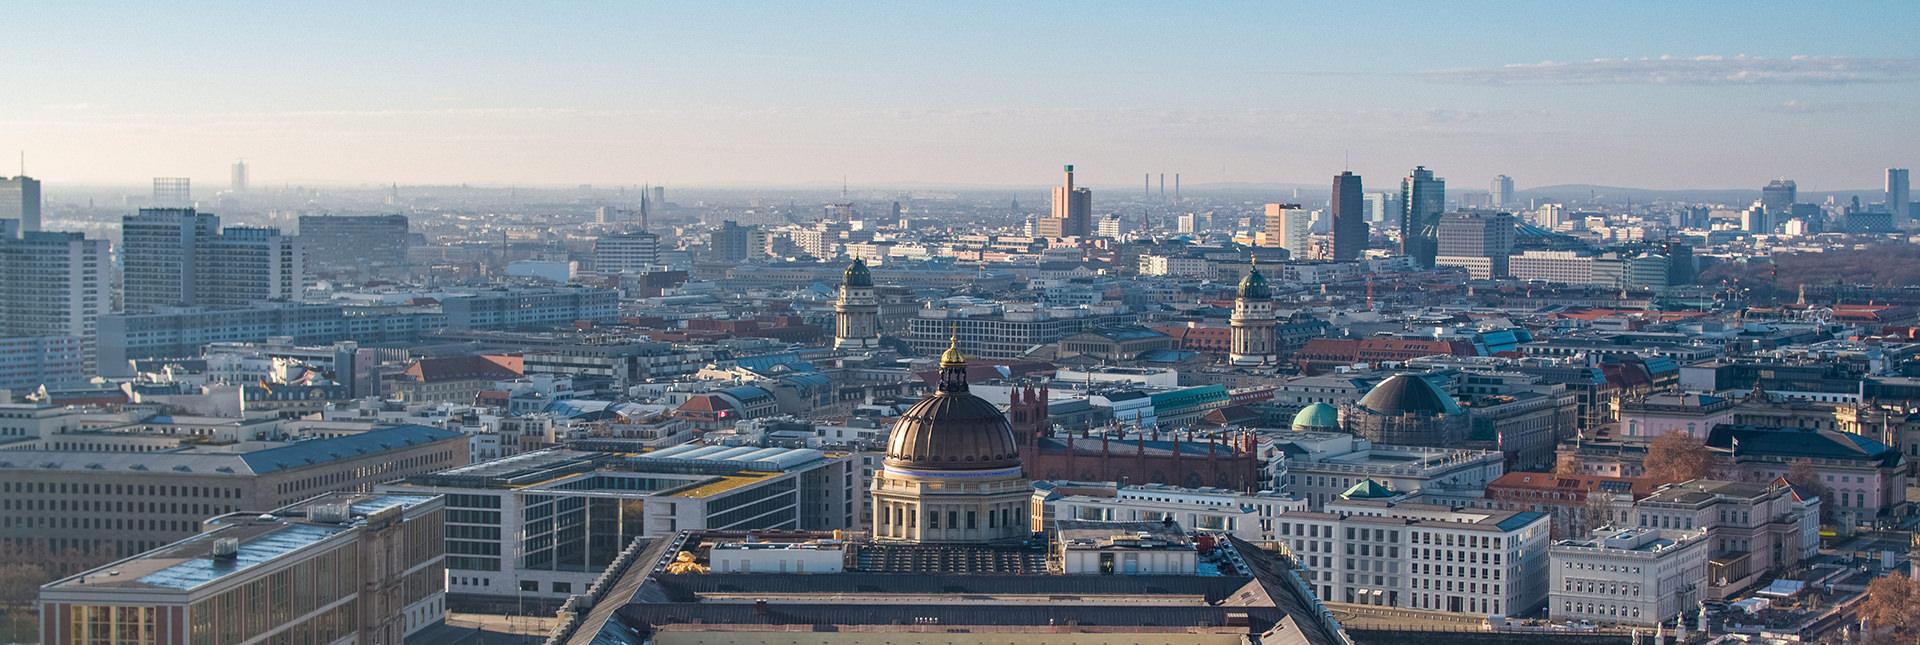 Luftbild von Berlin-Mitte mit dem Stadtschloss, dem Gendarmenmarkt und dem Potsdamer Platz. Luftaufnahmen für Filmproduktion mit Drohne im Dezember 2020